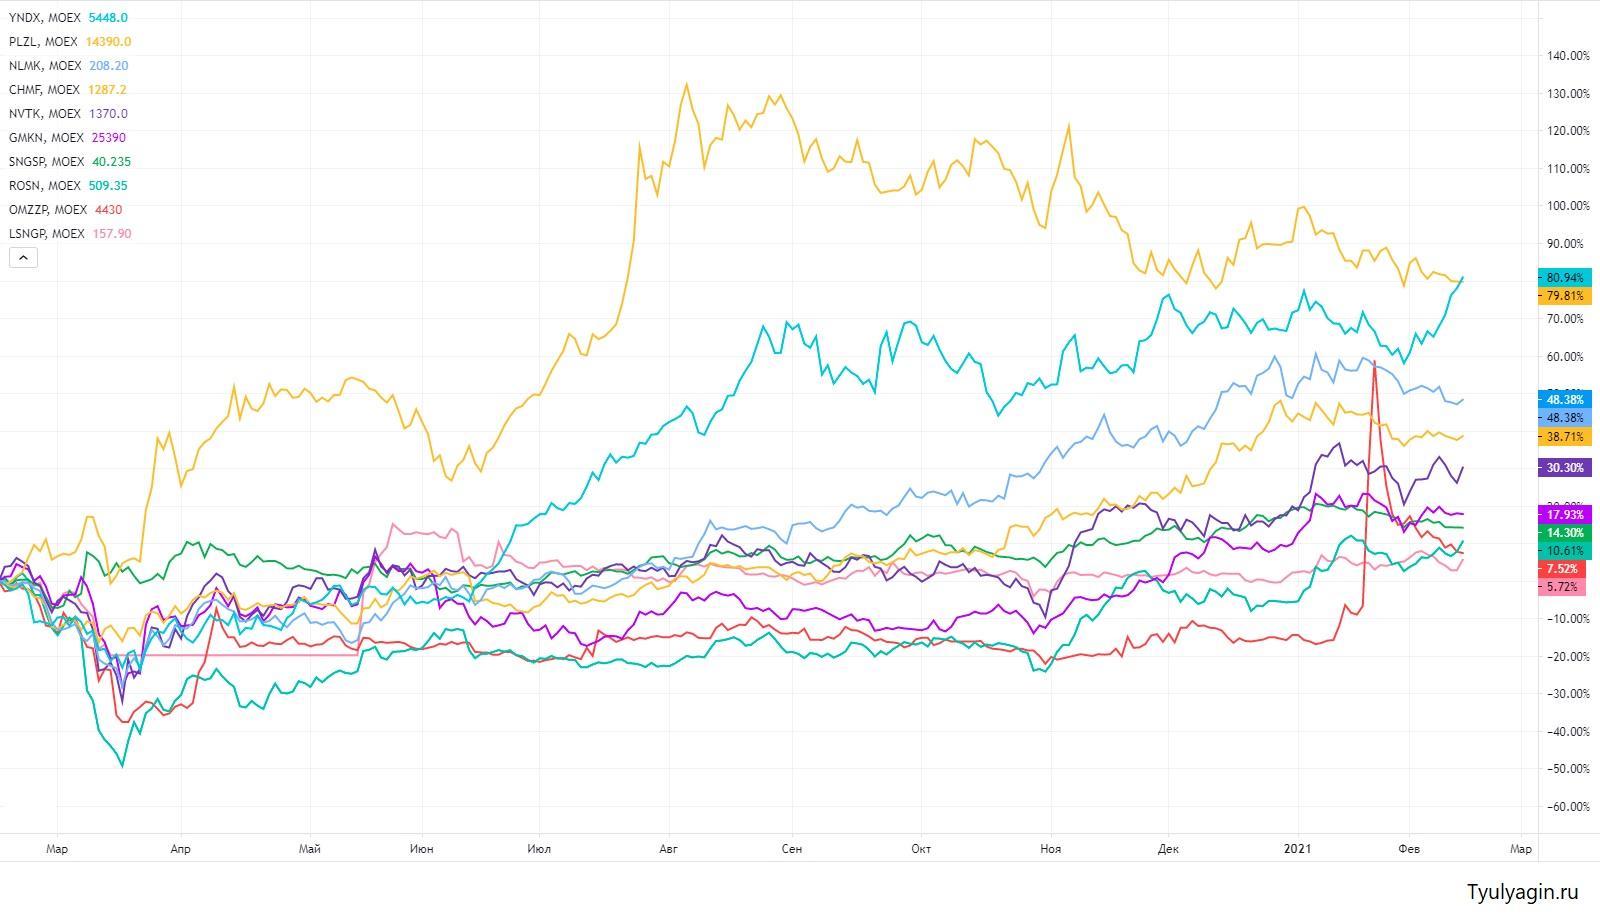 График доходности топ 10 российских акций за последний год (2020-2021).